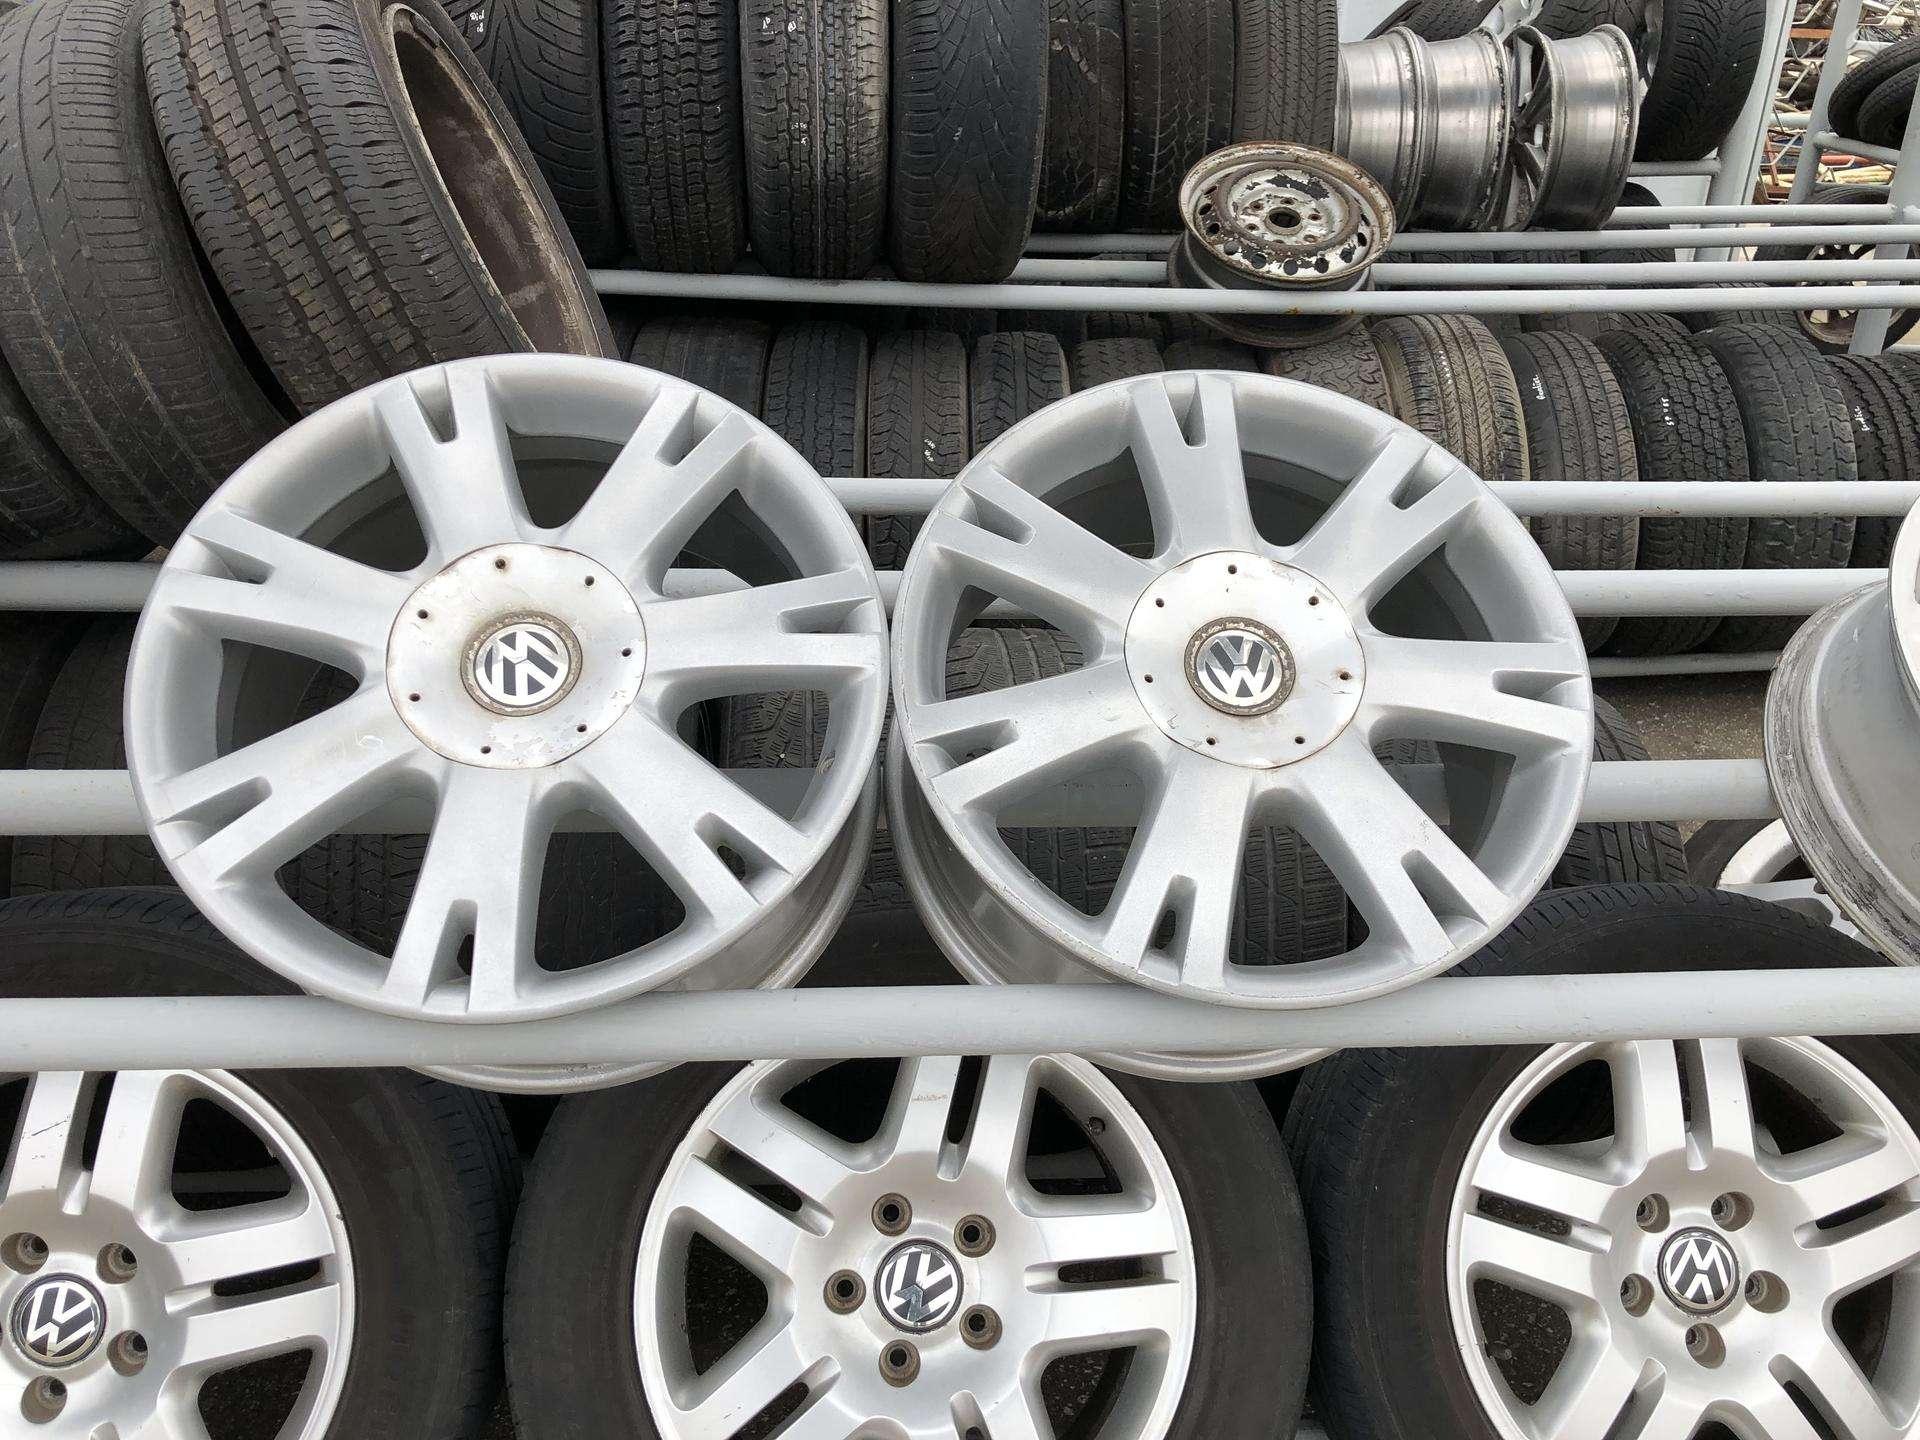 VW TOUAREG 2006m Orginalūs Ratlankiai  50 € / vnt